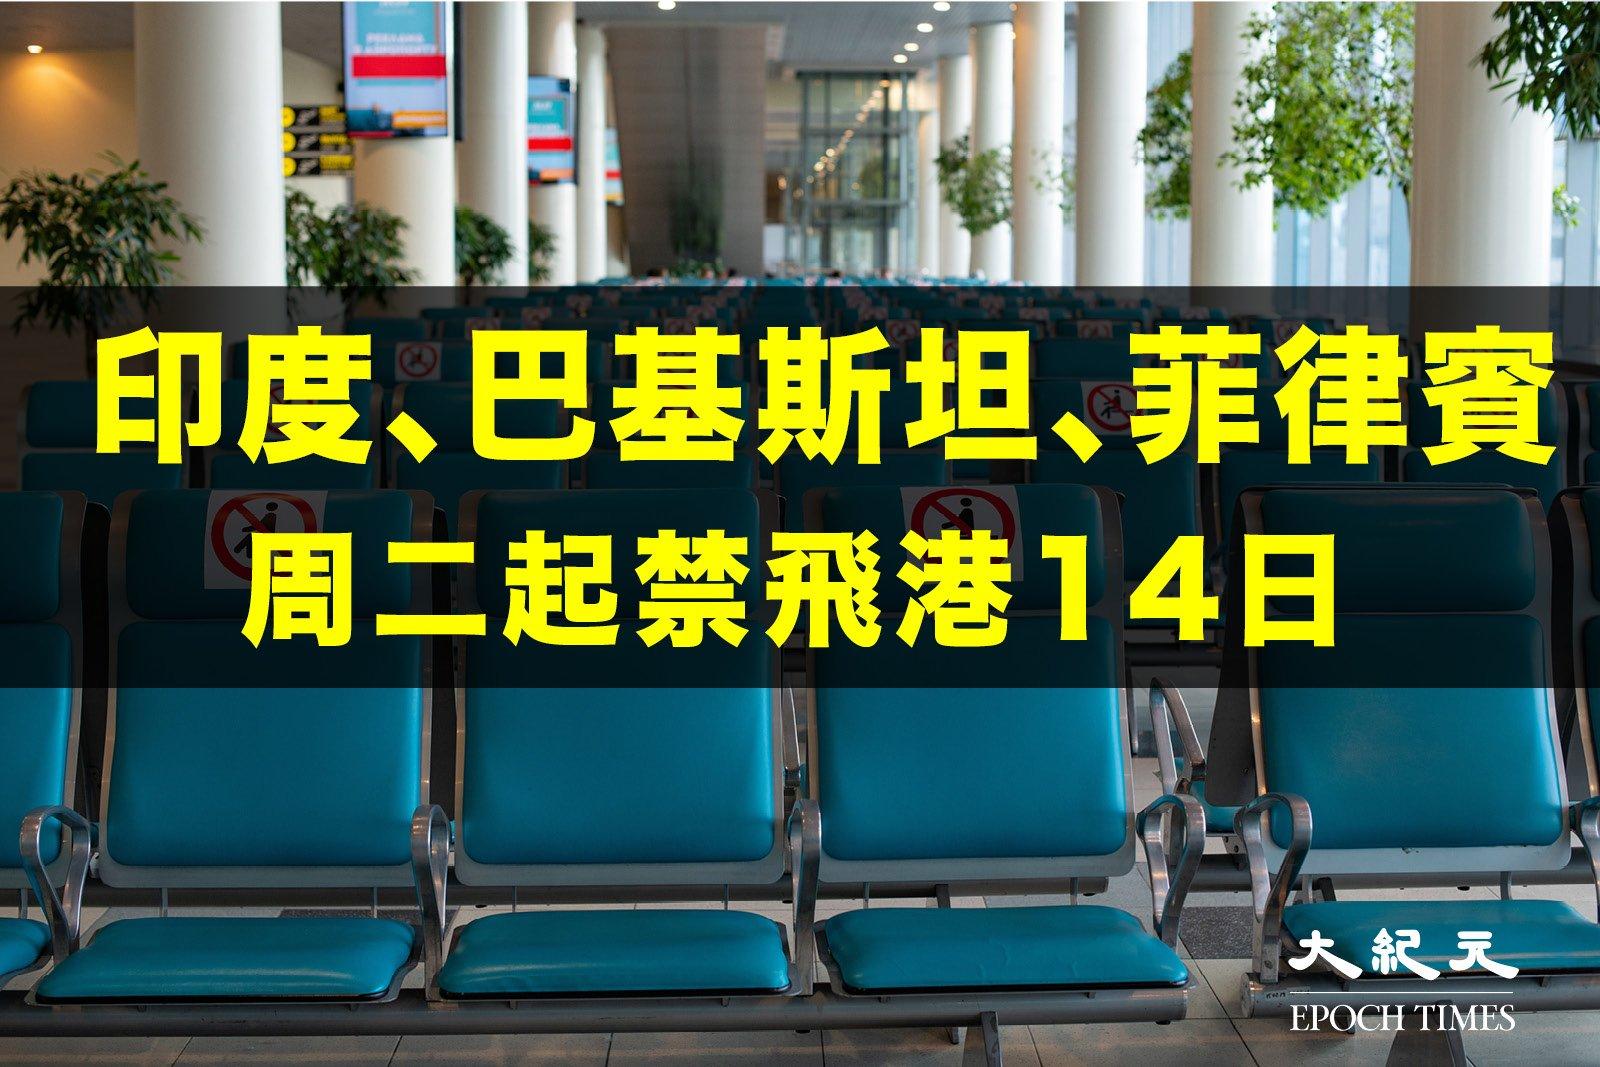 政府宣佈周二凌晨起,禁止印度、巴基斯坦和菲律賓來港的民航客機著陸,為期14日。(大紀元製圖)